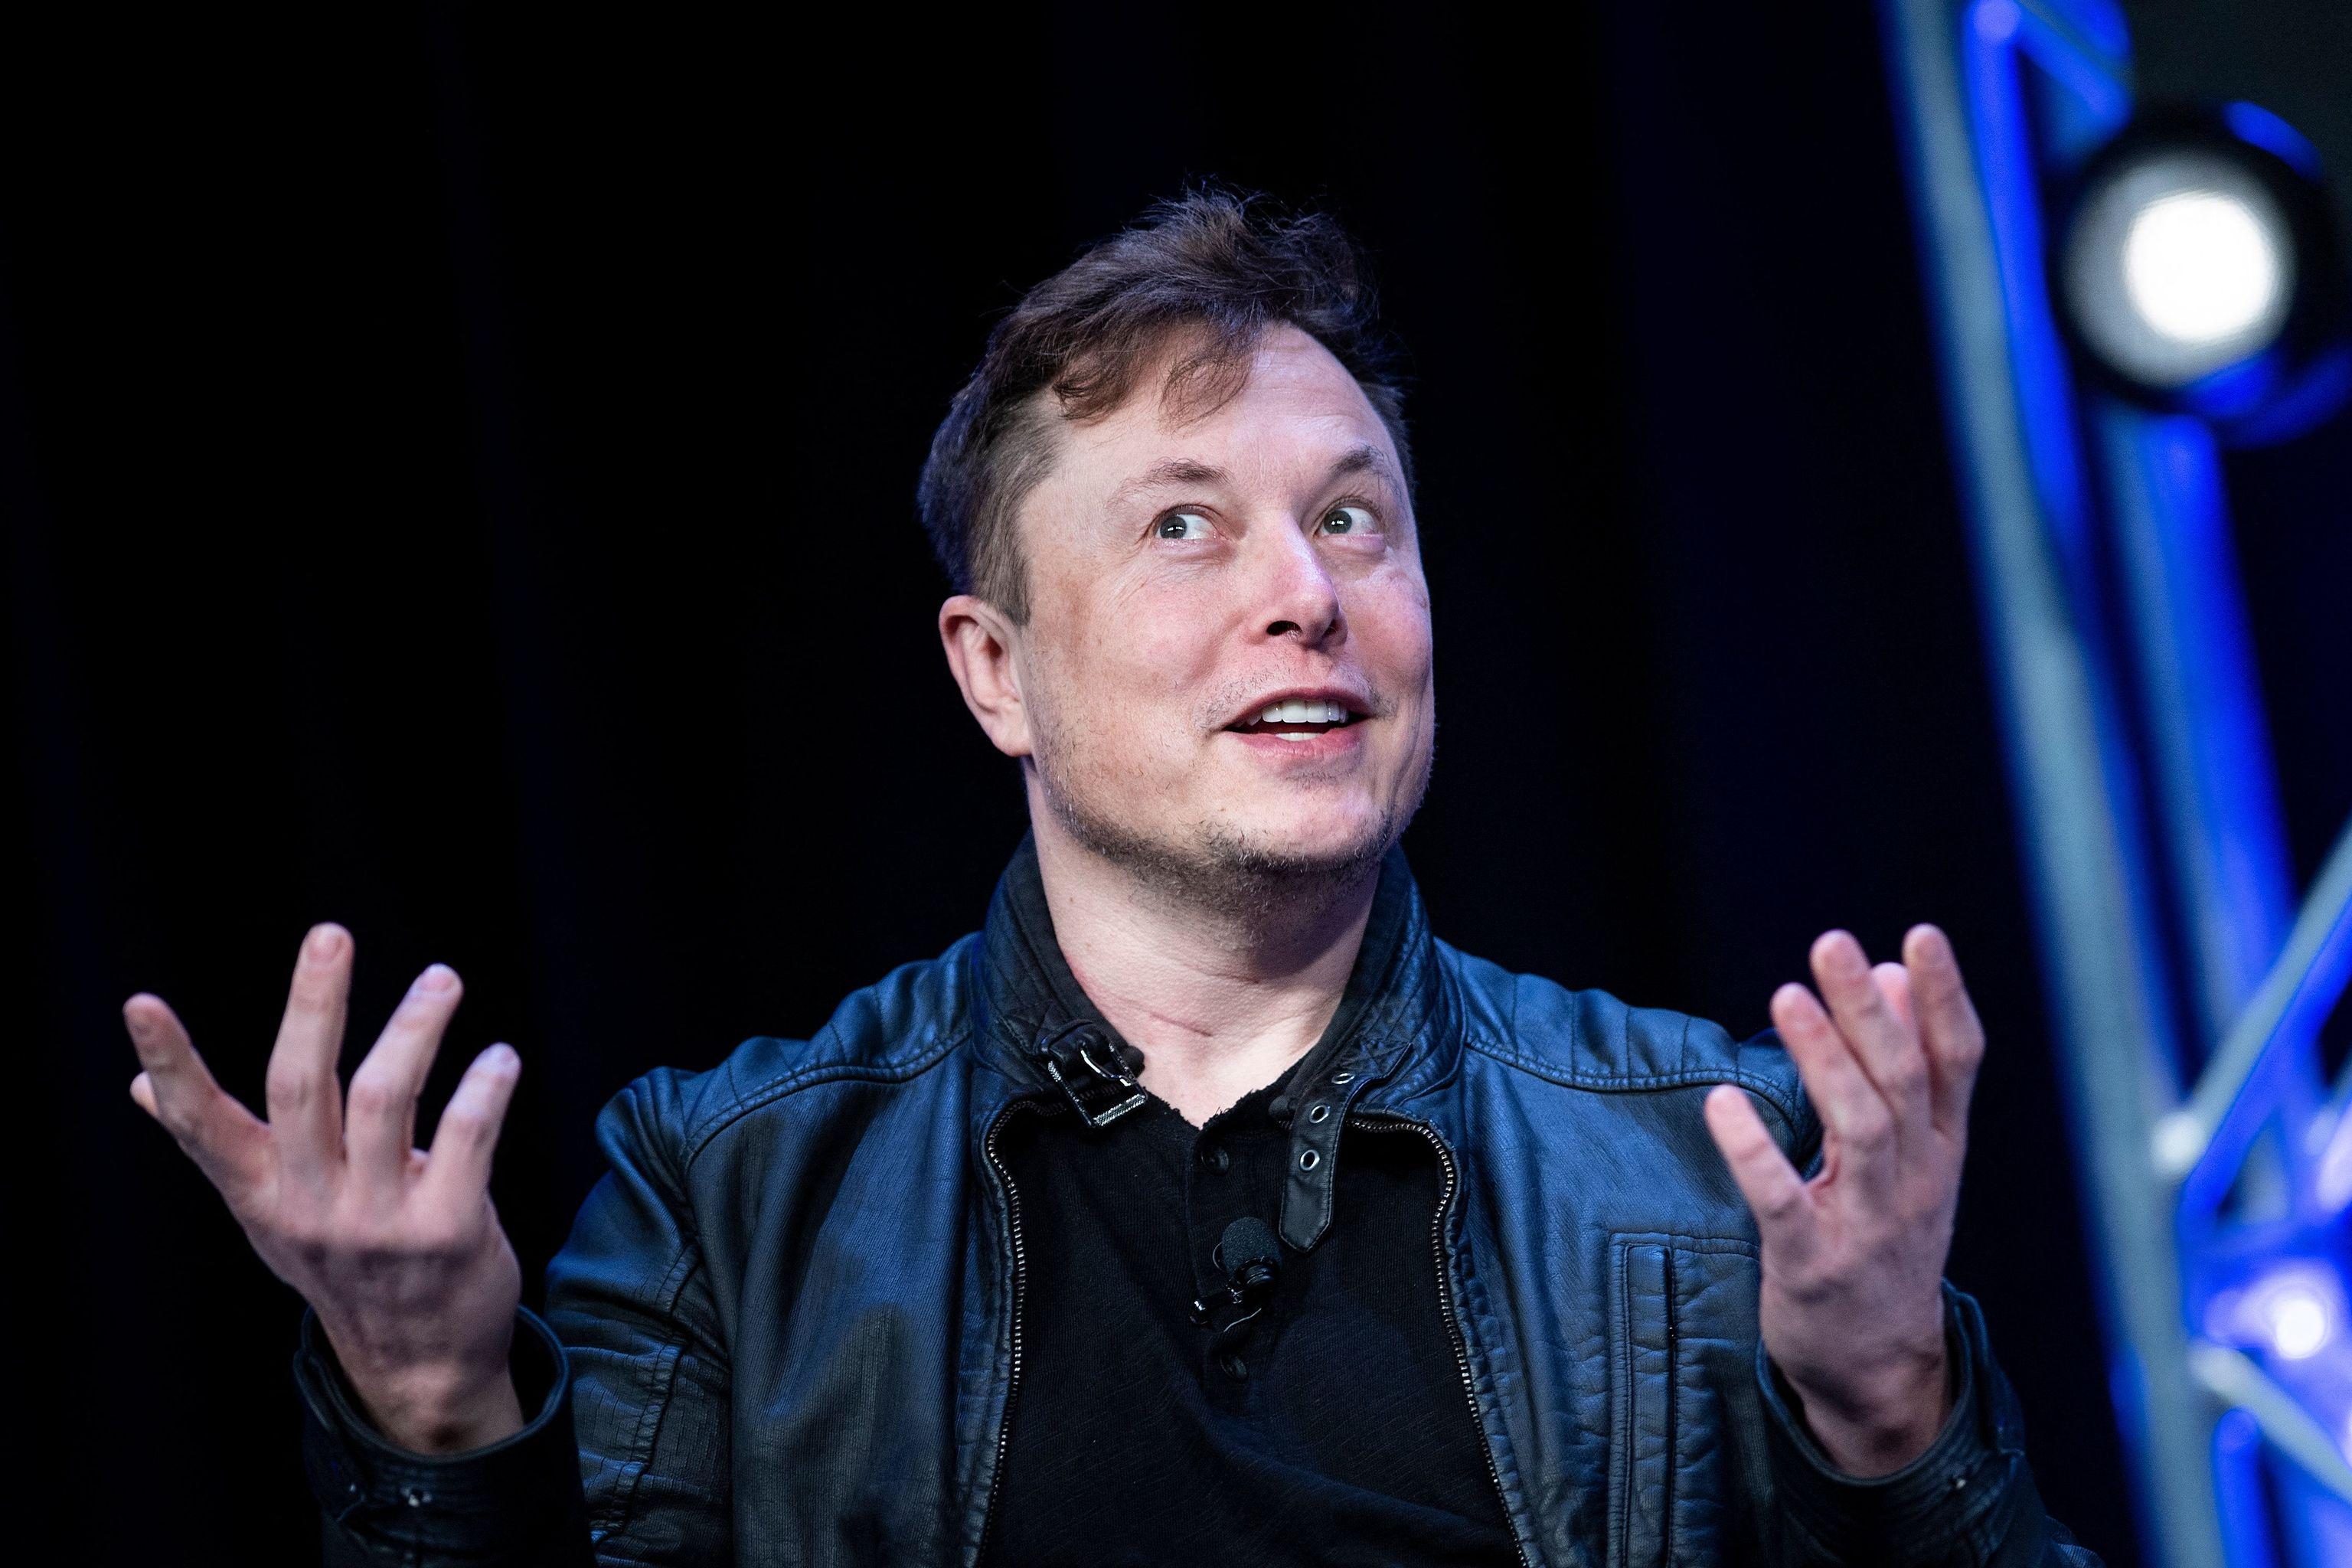 El fundador de Tesla, Elon Musk, en una imagen de archivo.